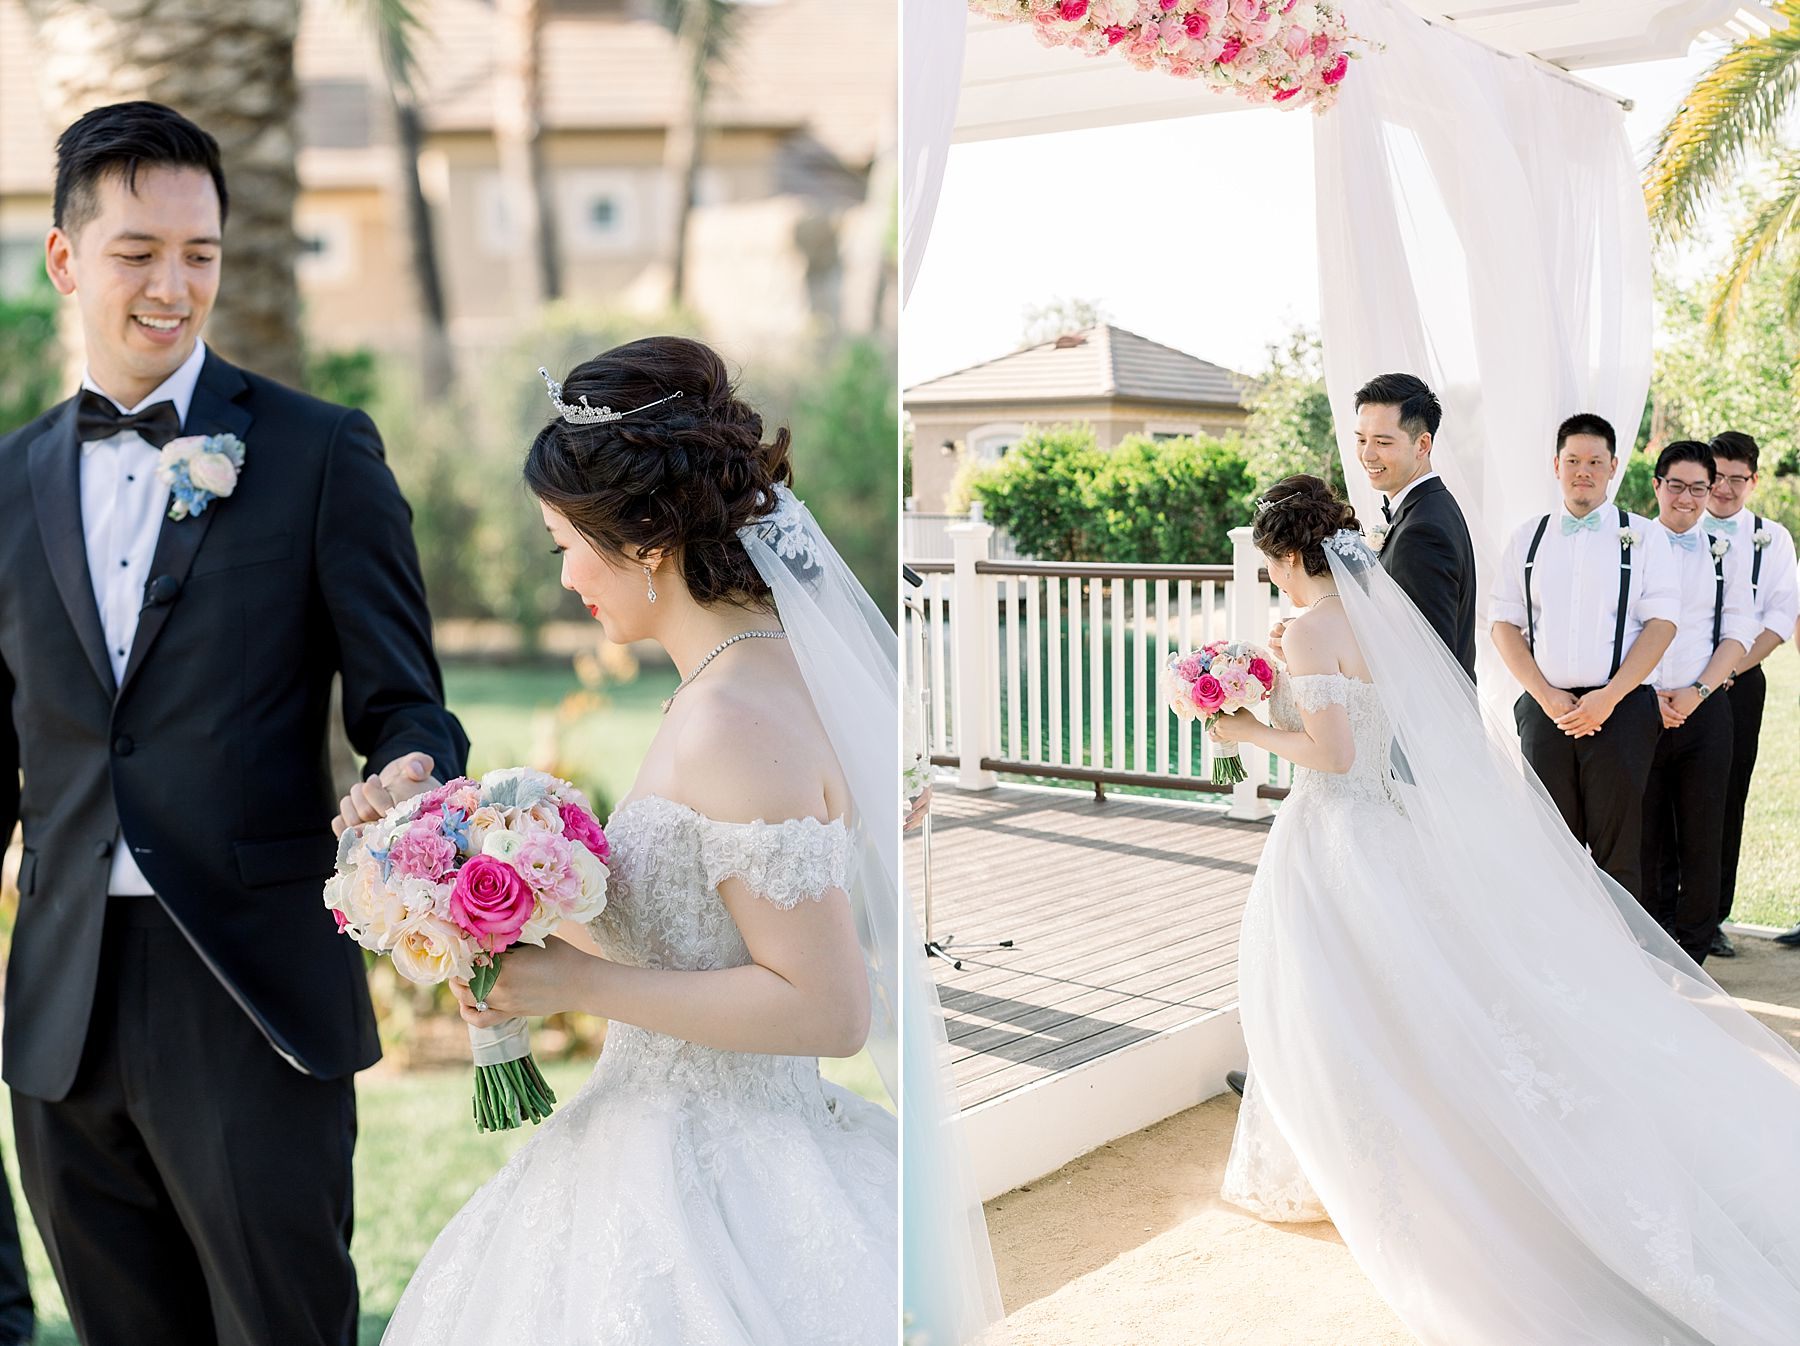 Newberry Estate Vineyards Wedding - Ashley Baumgartner - Jasmine and Johhny - Bay Area Wedding Photographer - Sacramento Wedding Photographer_0033.jpg